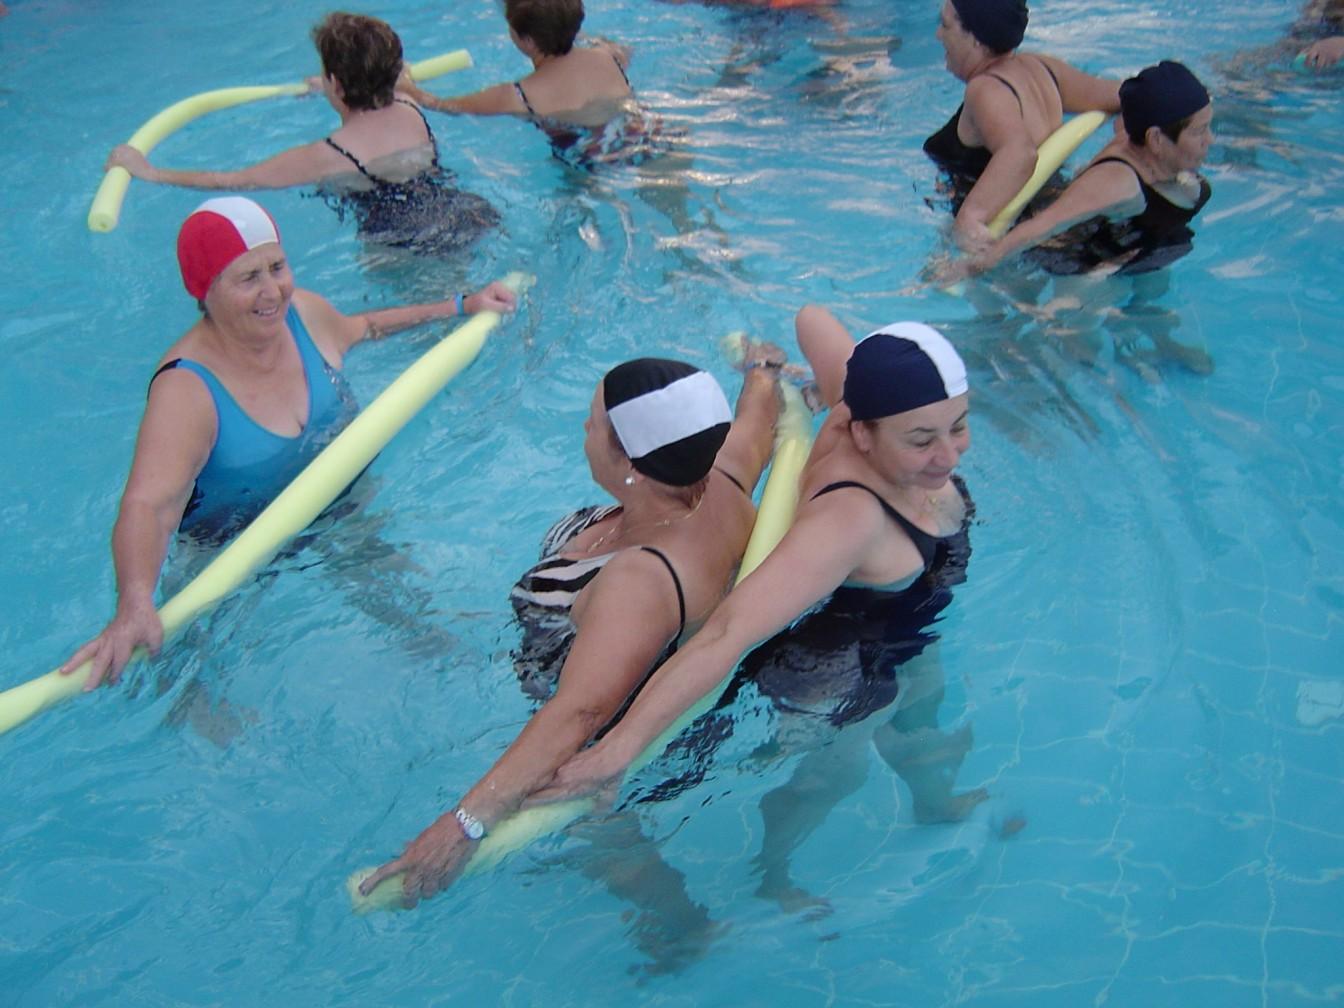 juegos de piscina para 2 personas